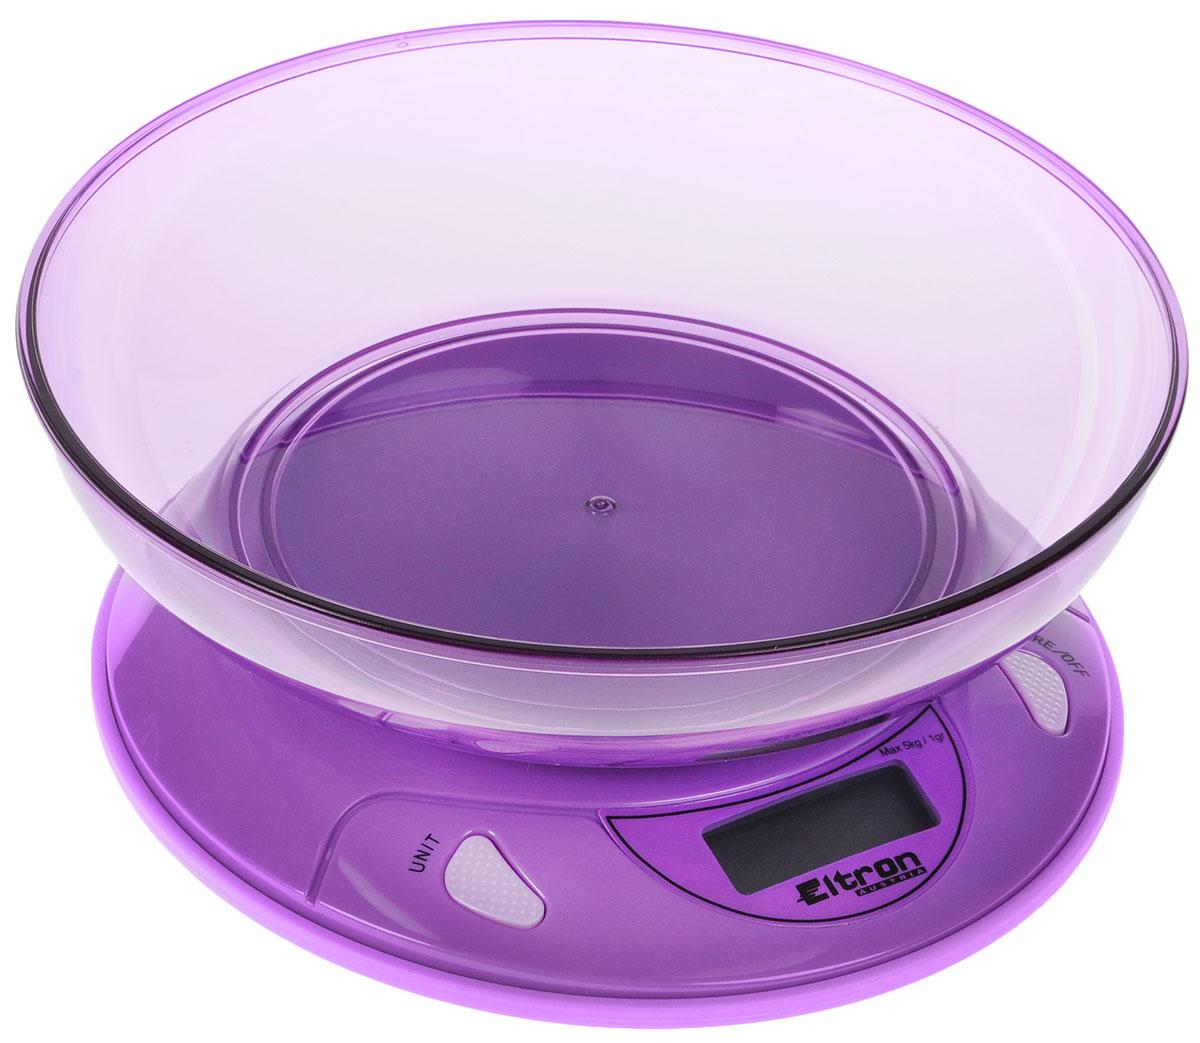 Весы кухонные Eltron, электронные, цвет: фиолетовый, до 5 кг весы eltron el 9219